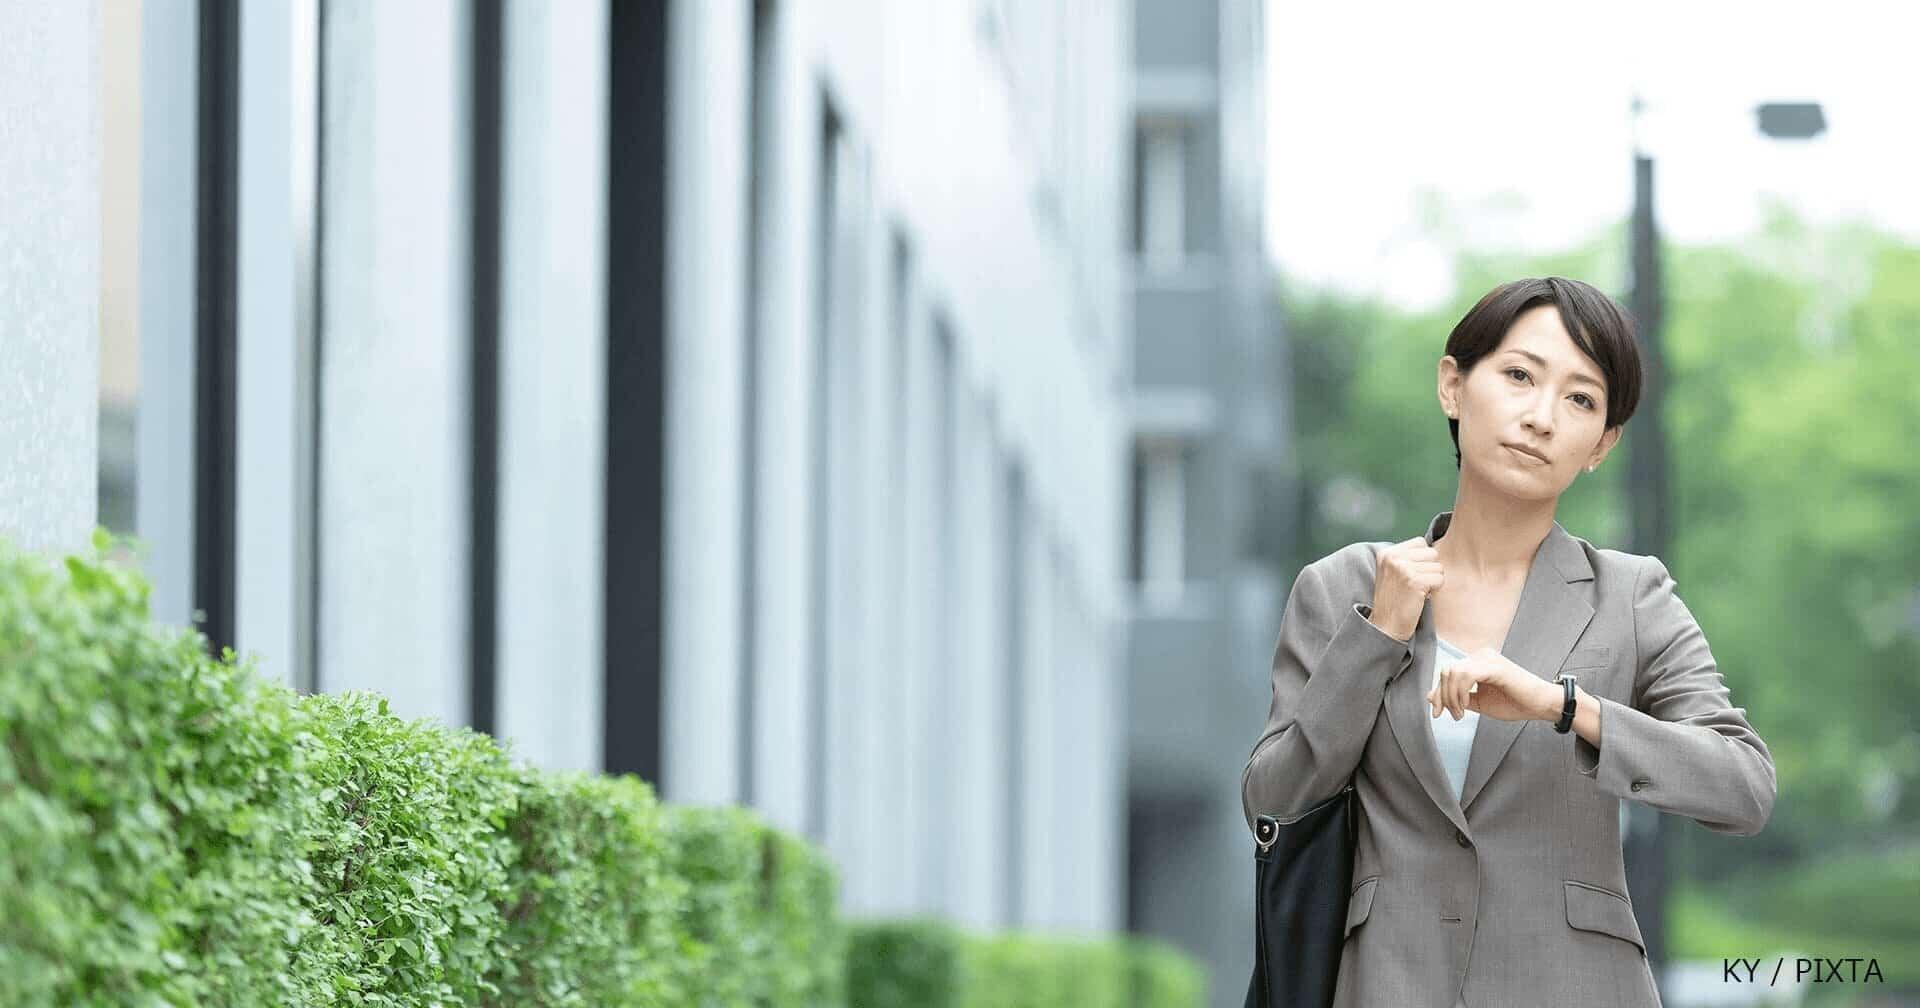 従業員エンゲージメントの高め方 おすすめの方法6選